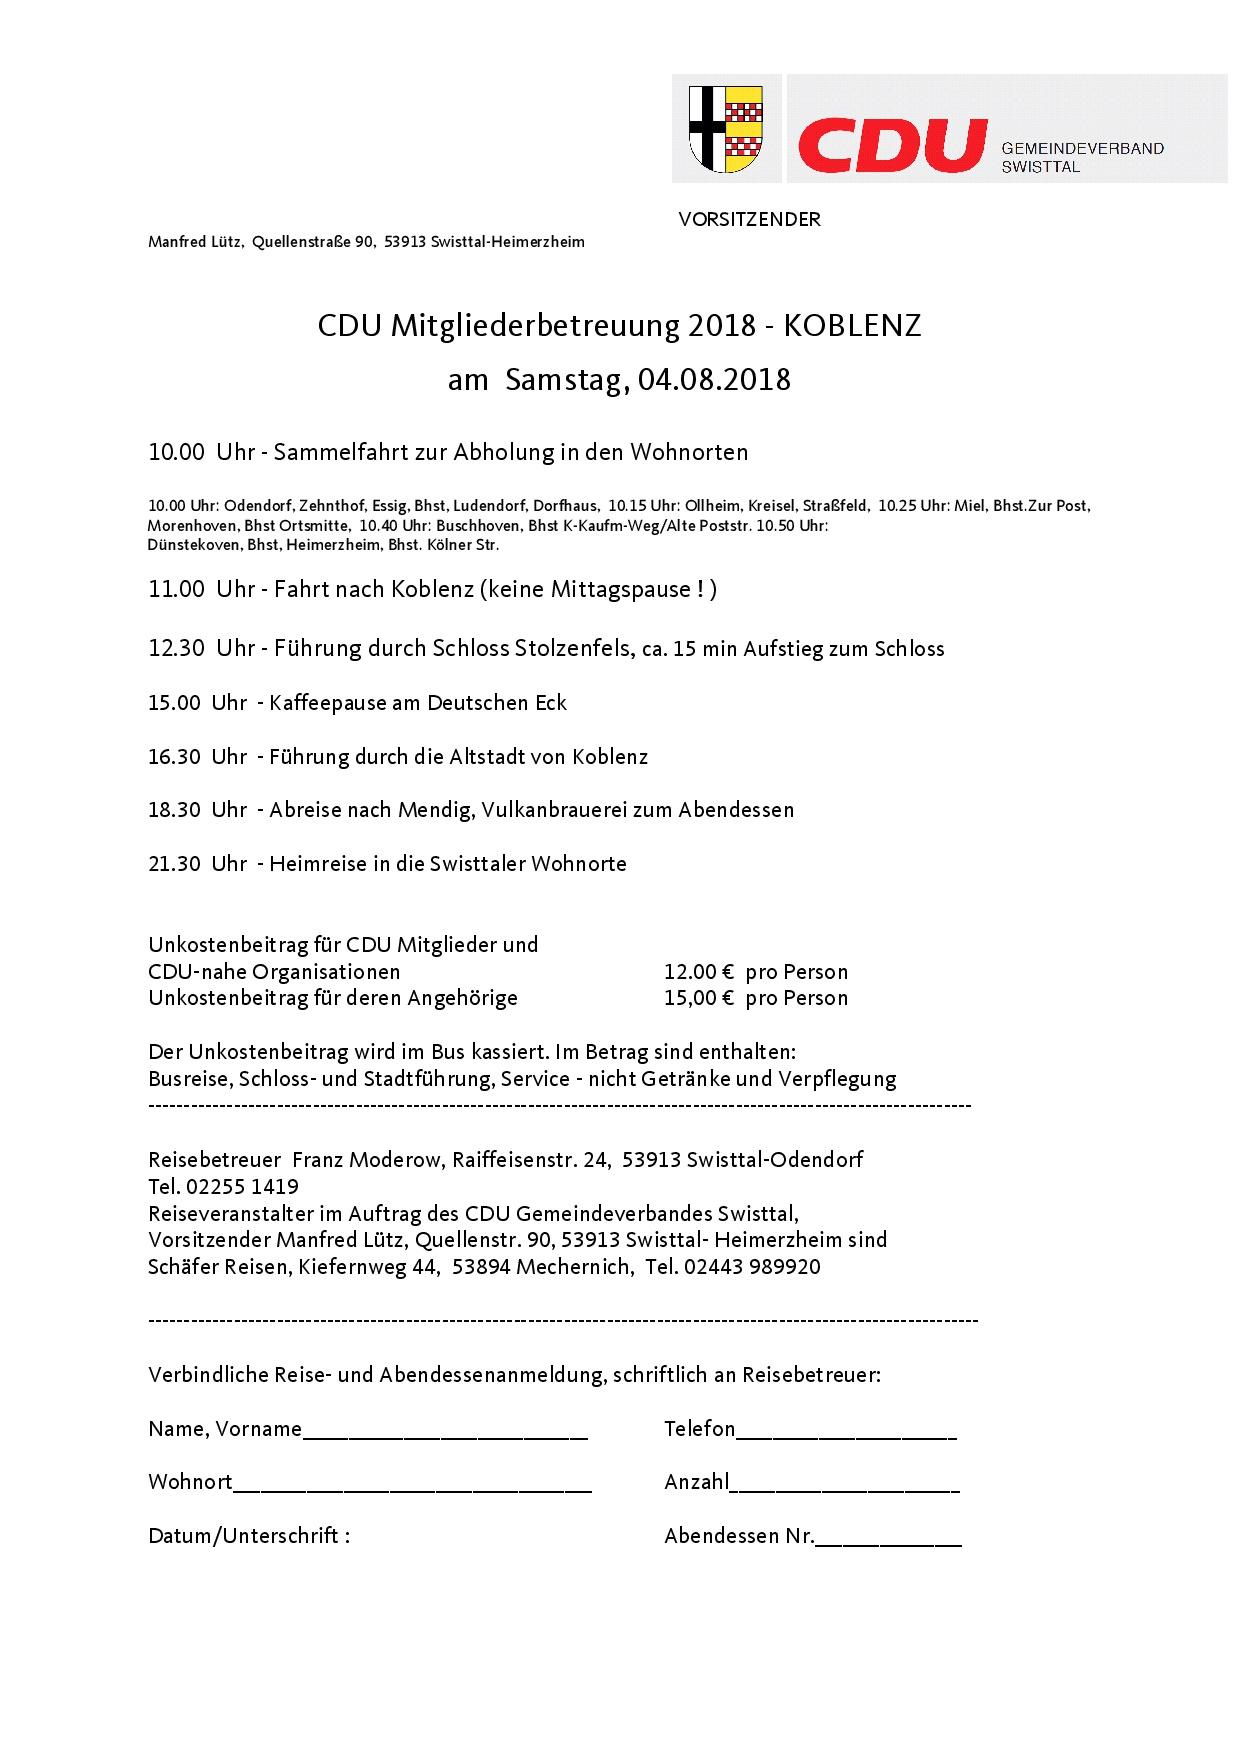 Mitgliederreise nach Koblenz 2018